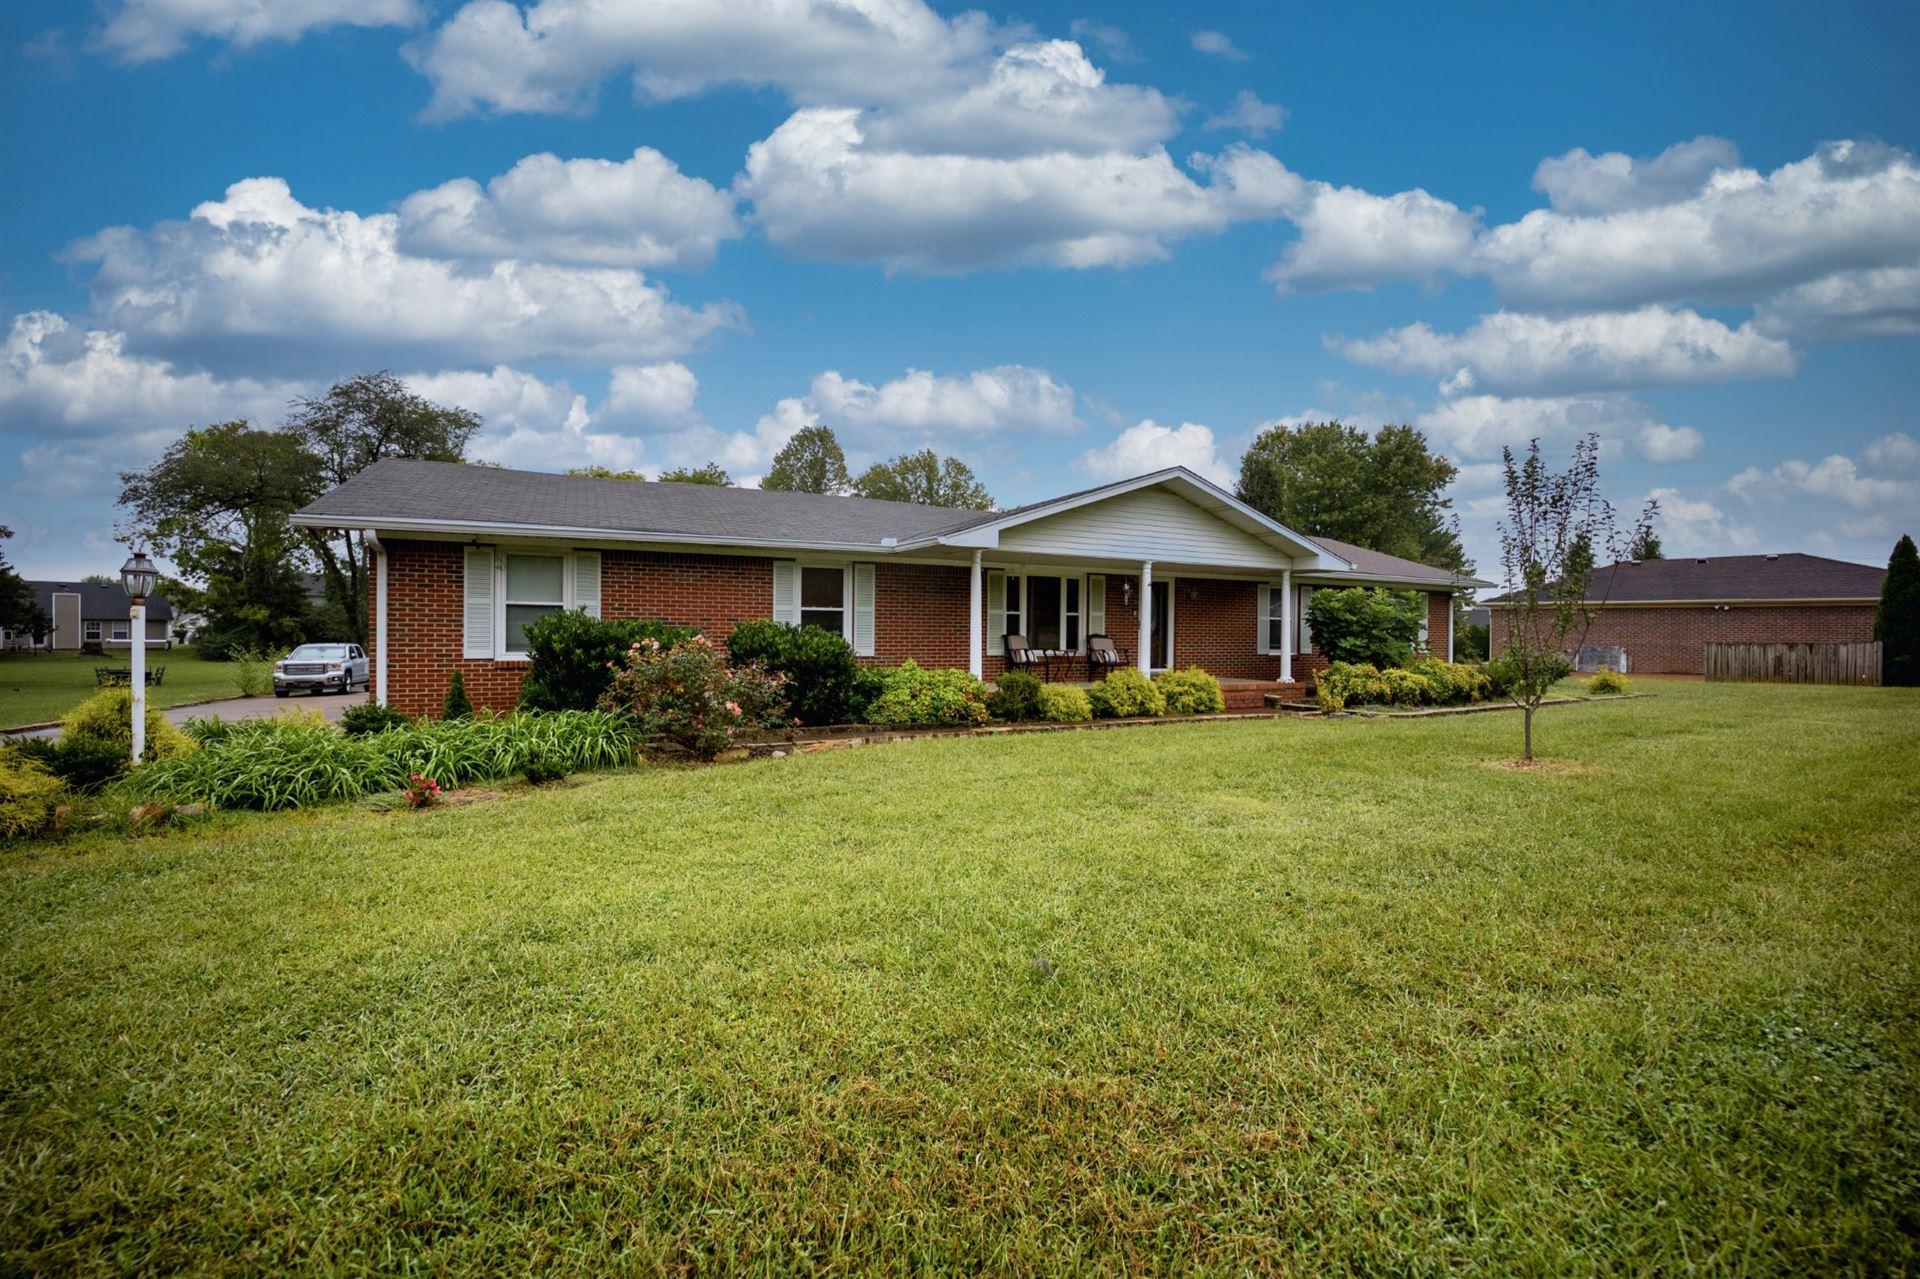 146 Highfield Dr, Murfreesboro, TN 37128 - MLS#: 2292396